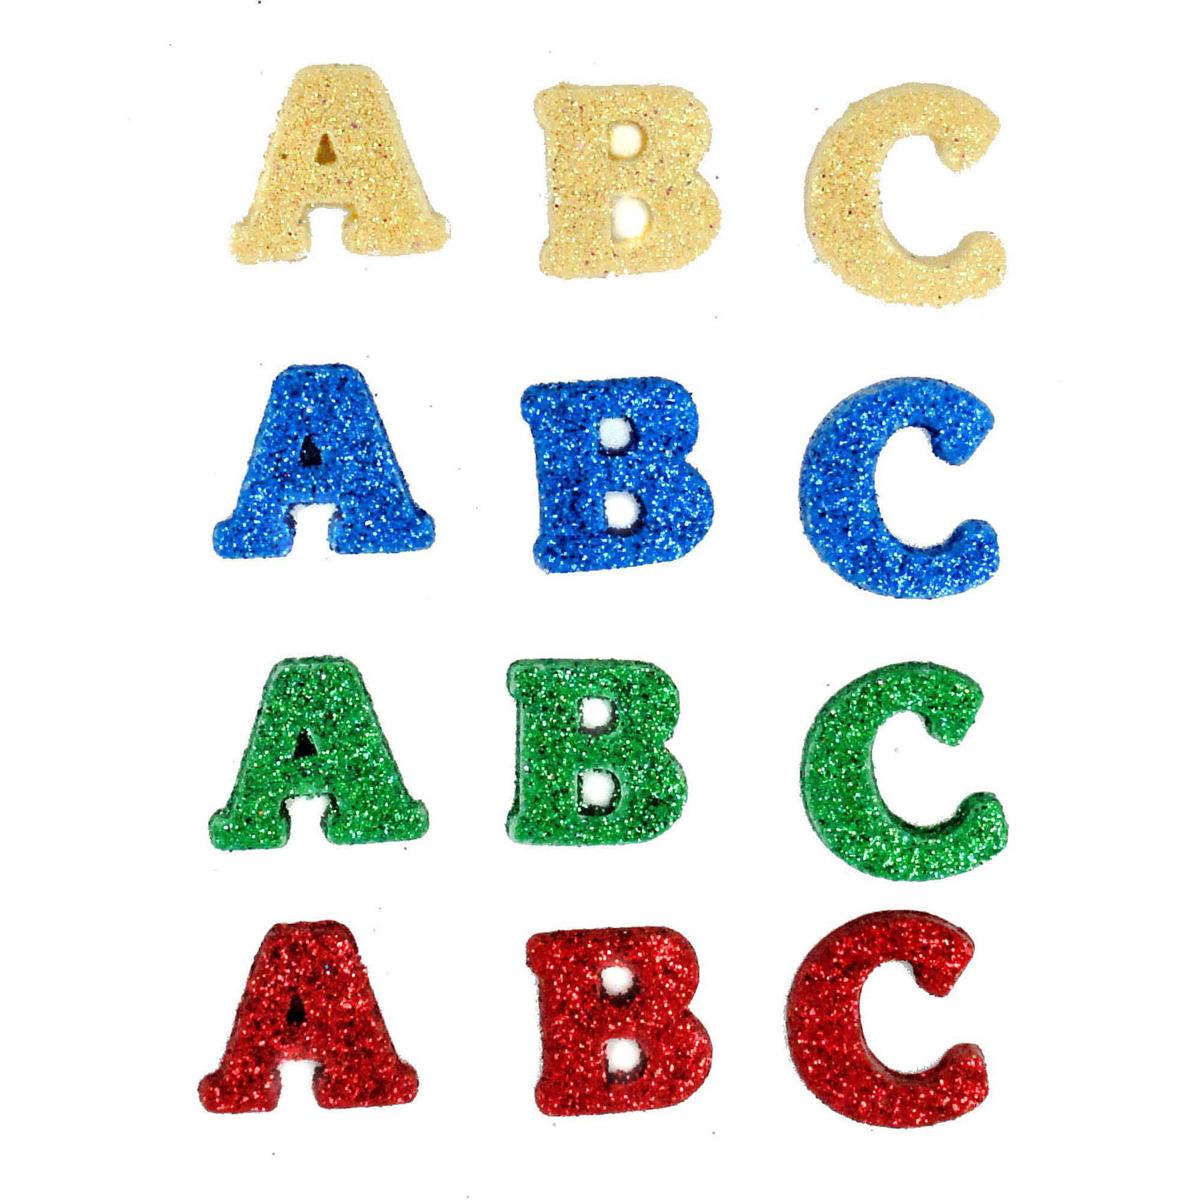 Пуговицы декоративные Dress It Up Суп из алфавита, 12 шт7712044Набор Dress It Up Суп из алфавита состоит из 12 декоративных пуговиц, выполненных из высококачественного пластика в виде букв. Такие пуговицы подходят для любых видов творчества: скрапбукинга, декорирования, шитья, изготовления кукол, а также для оформления одежды. С их помощью вы сможете украсить открытку, фотографию, альбом, подарок и другие предметы ручной работы. Все пуговицы в наборе имеют оригинальный и яркий дизайн. Средний размер пуговиц: 1,2 см х 1,5 см х 0,5 см.